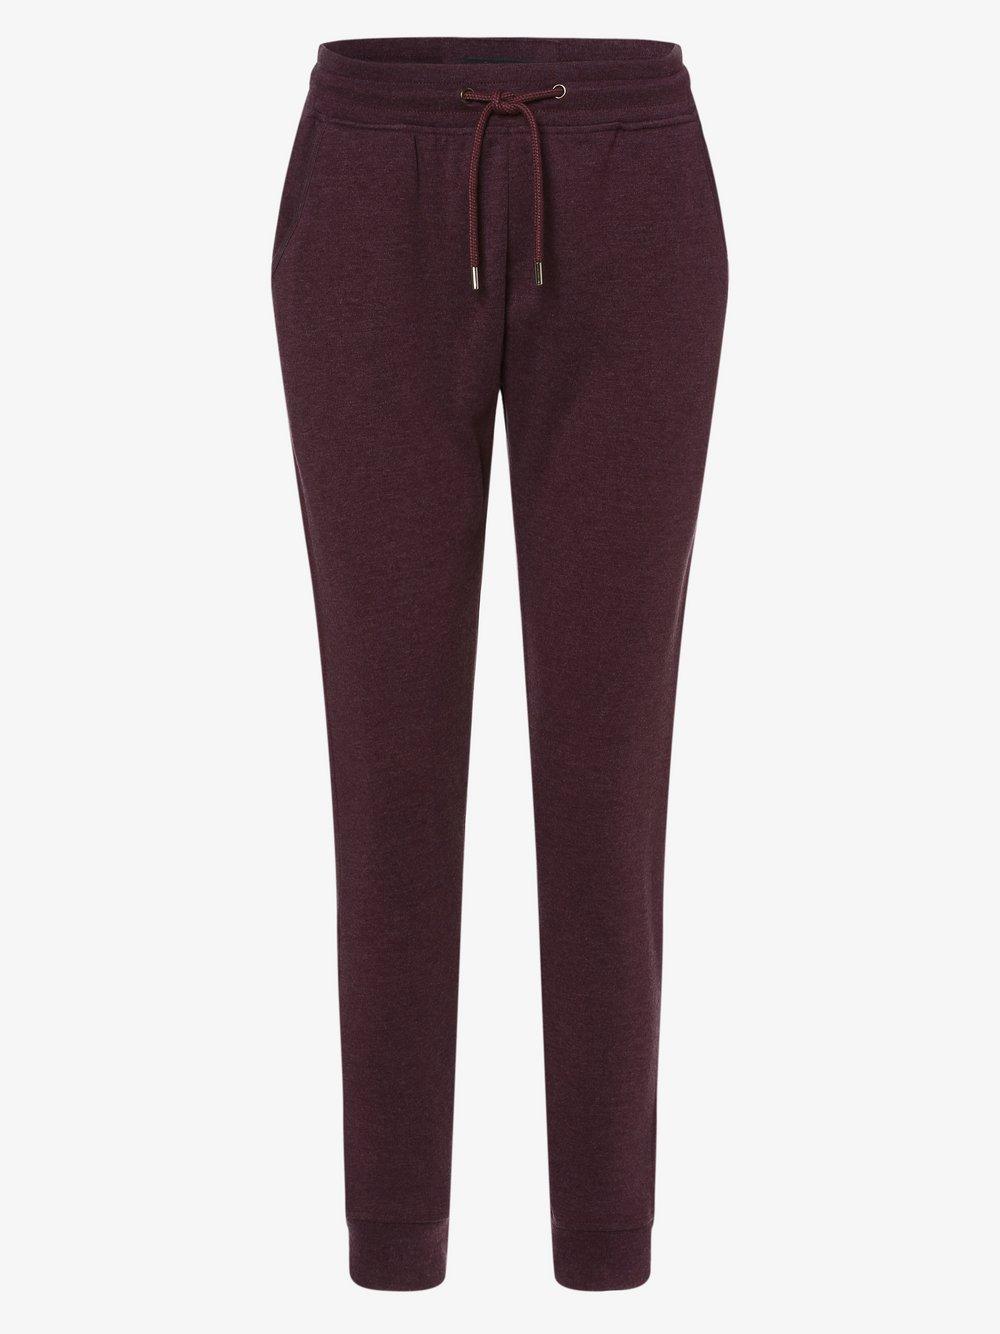 Franco Callegari - Damskie spodnie dresowe, czerwony